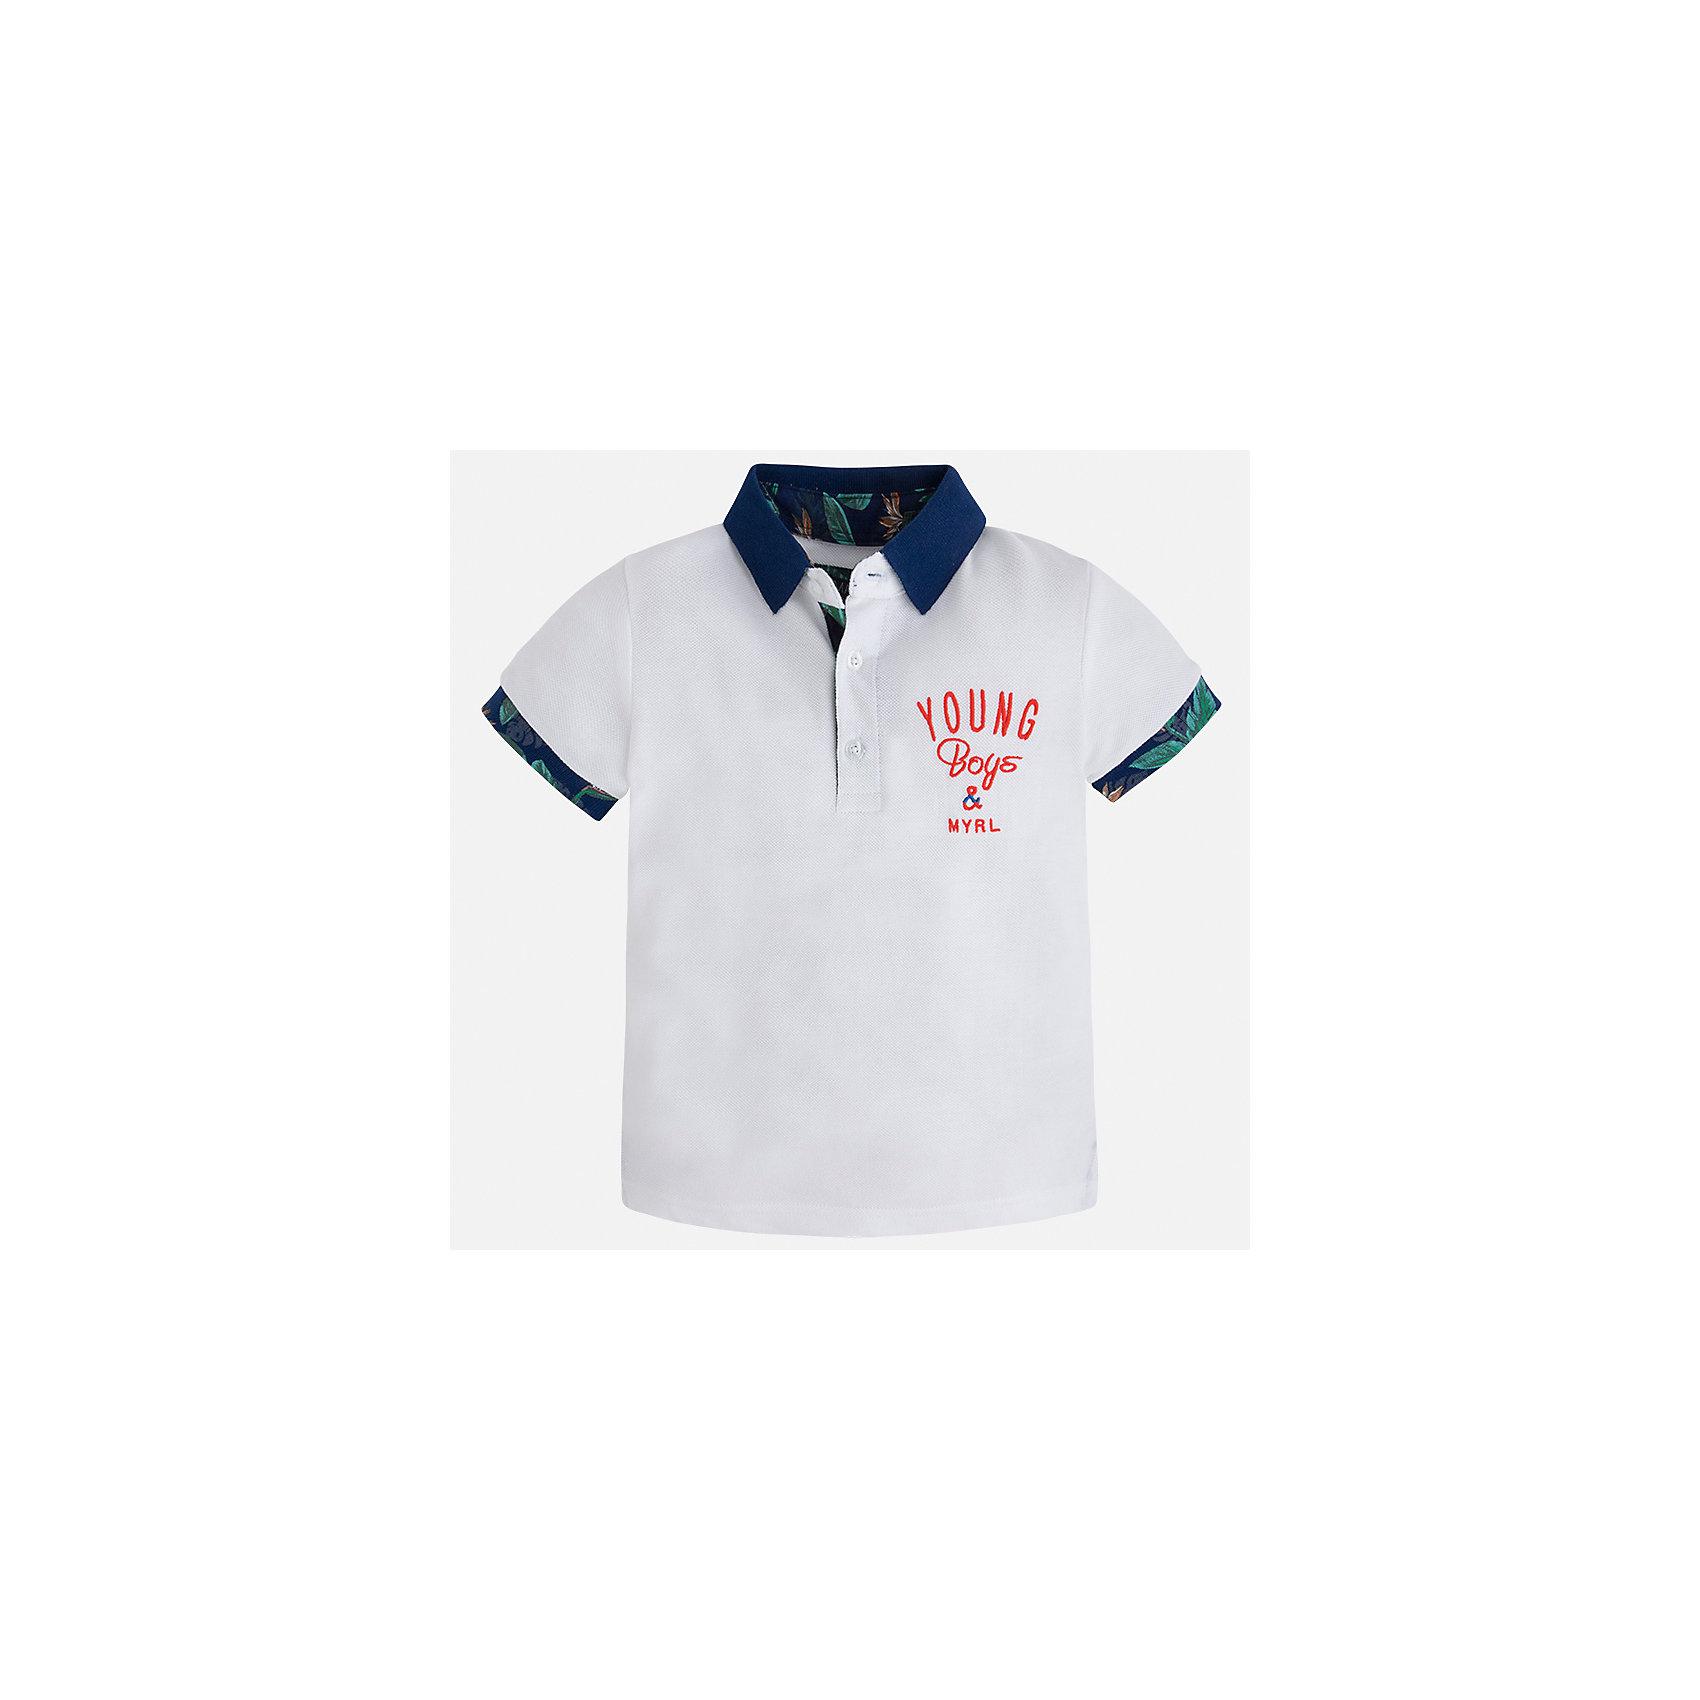 Футболка-поло для мальчика MayoralФутболки, поло и топы<br>Характеристики товара:<br><br>• цвет: белый<br>• состав: 100% хлопок<br>• отложной воротник<br>• короткие рукава<br>• застежка: пуговицы<br>• декорирована вышивкой<br>• страна бренда: Испания<br><br>Модная футболка-поло для мальчика может стать базовой вещью в гардеробе ребенка. Она отлично сочетается с брюками, шортами, джинсами и т.д. Универсальный крой и цвет позволяет подобрать к вещи низ разных расцветок. Практичное и стильное изделие! В составе материала - только натуральный хлопок, гипоаллергенный, приятный на ощупь, дышащий.<br><br>Одежда, обувь и аксессуары от испанского бренда Mayoral полюбились детям и взрослым по всему миру. Модели этой марки - стильные и удобные. Для их производства используются только безопасные, качественные материалы и фурнитура. Порадуйте ребенка модными и красивыми вещами от Mayoral! <br><br>Футболку-поло для мальчика от испанского бренда Mayoral (Майорал) можно купить в нашем интернет-магазине.<br><br>Ширина мм: 199<br>Глубина мм: 10<br>Высота мм: 161<br>Вес г: 151<br>Цвет: белый<br>Возраст от месяцев: 18<br>Возраст до месяцев: 24<br>Пол: Мужской<br>Возраст: Детский<br>Размер: 92,128,134,122,116,110,104,98<br>SKU: 5271850